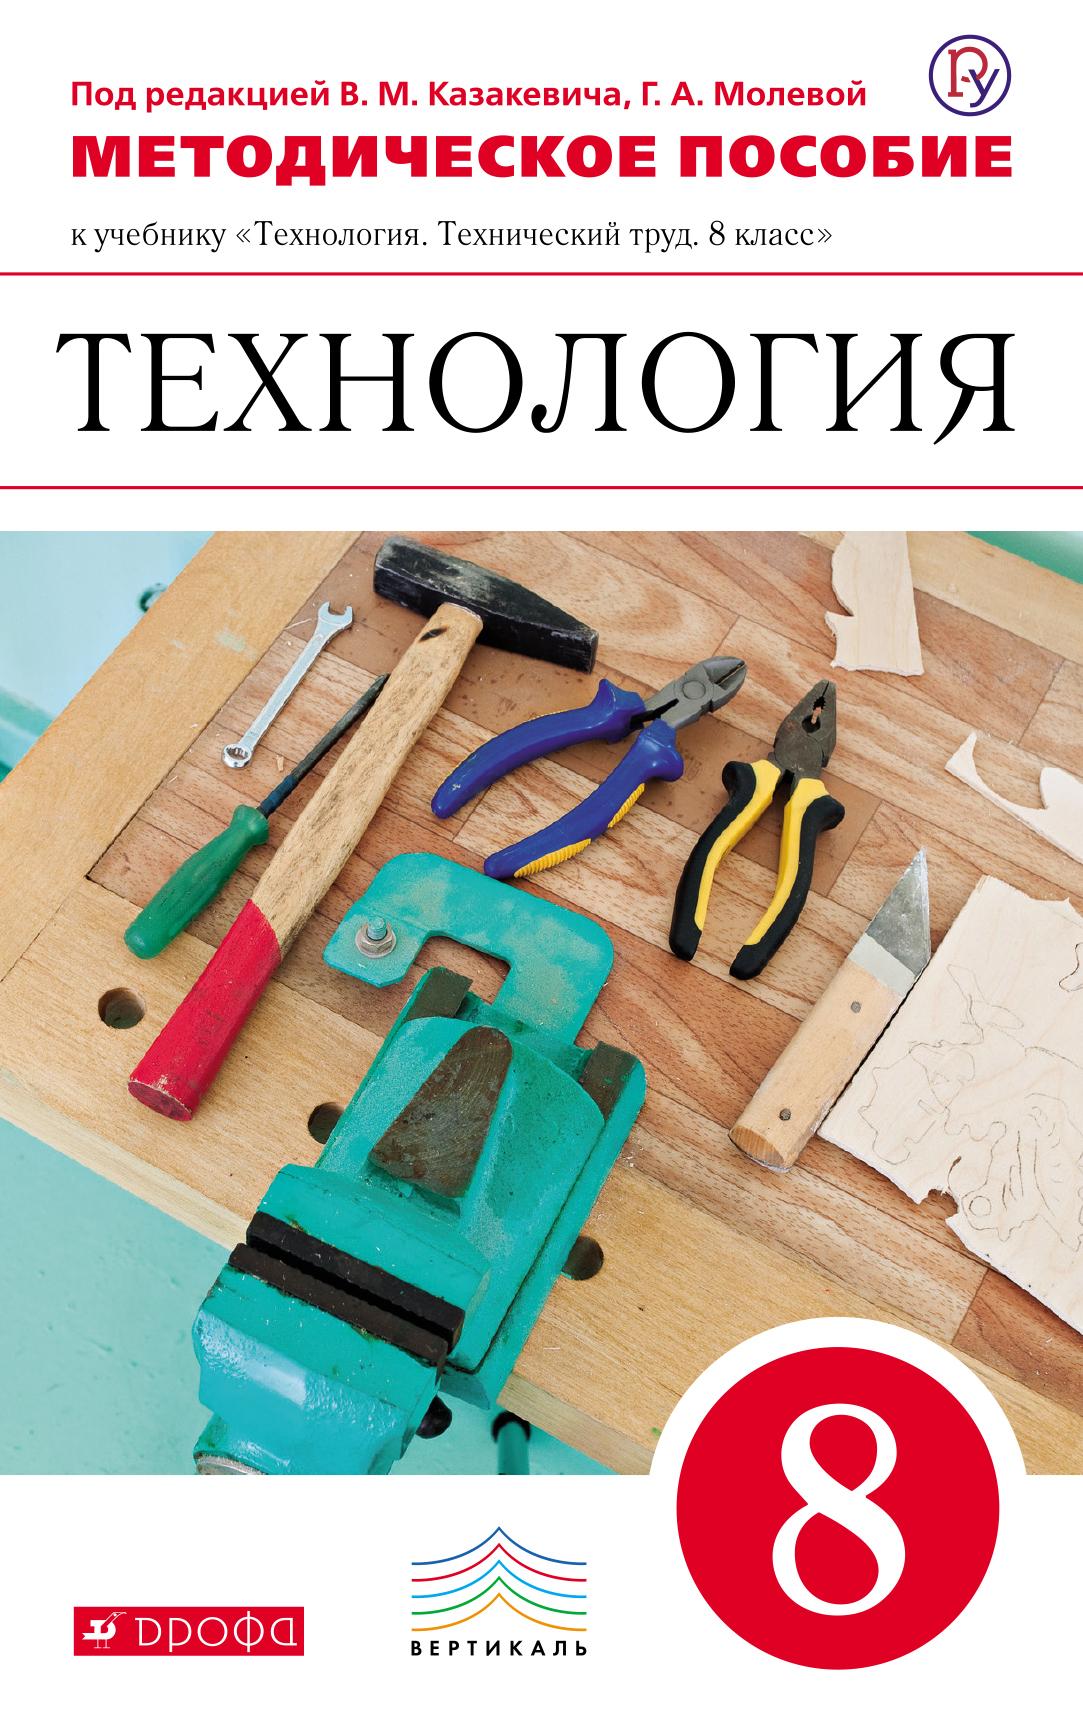 Технология. Технический труд. 8 класс. Методическое пособие